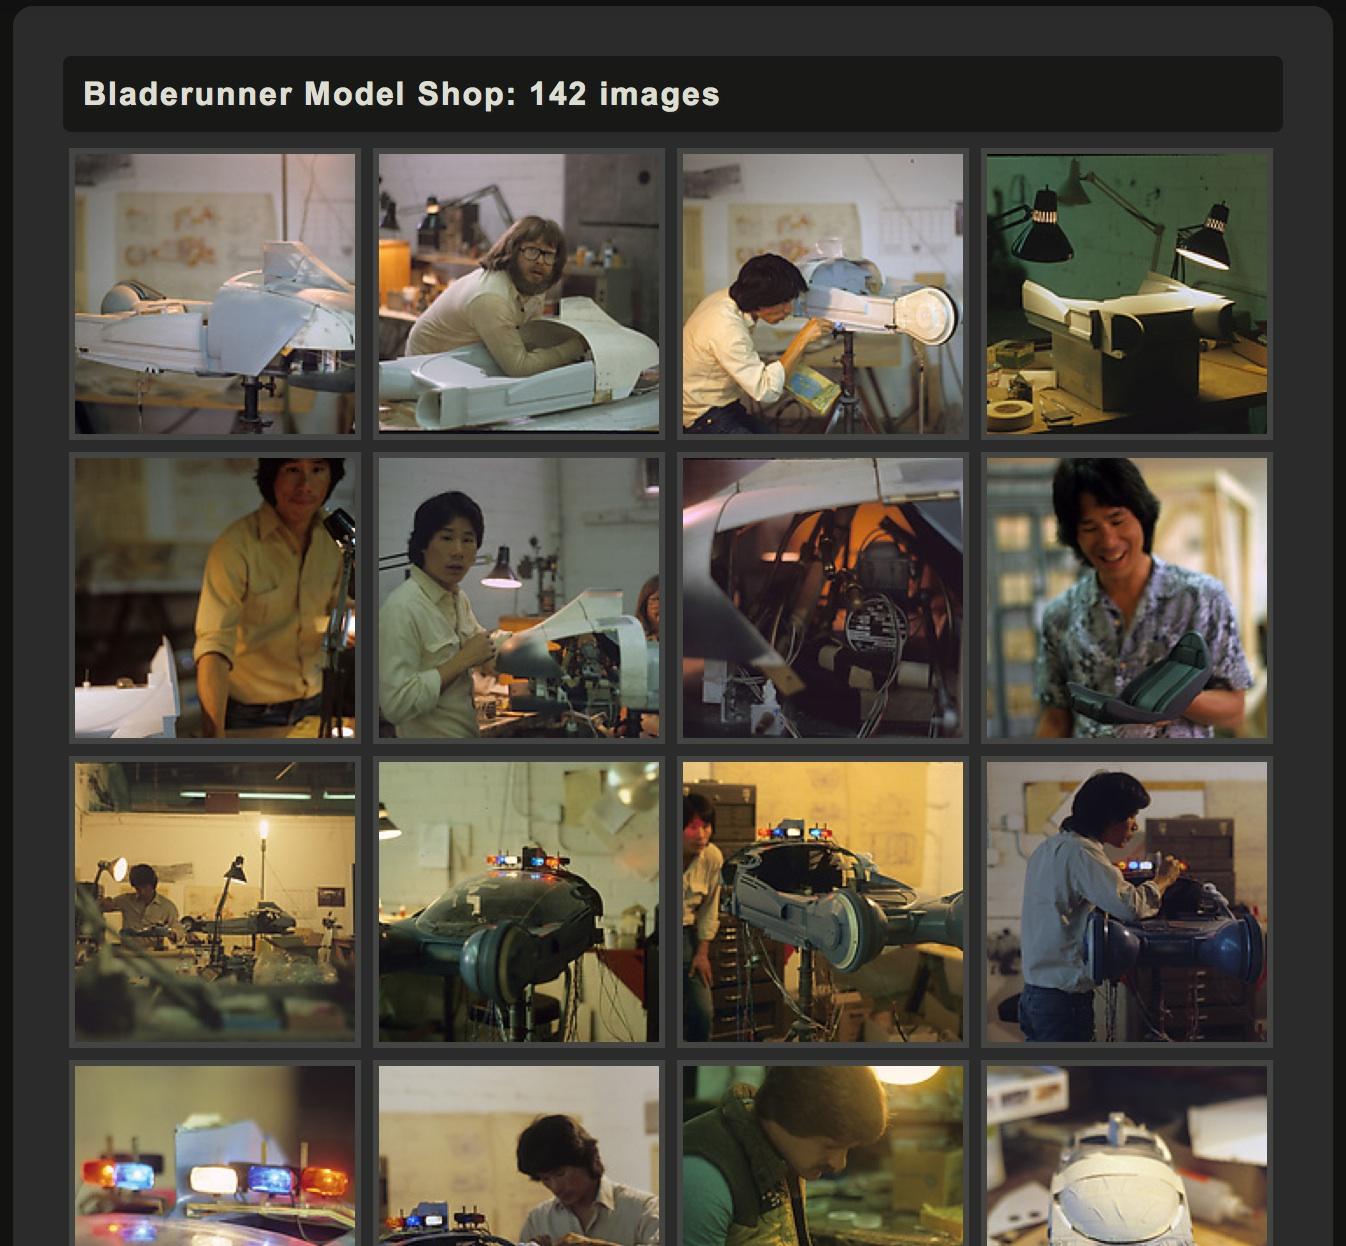 Bladerunner Model Shop: 142 images